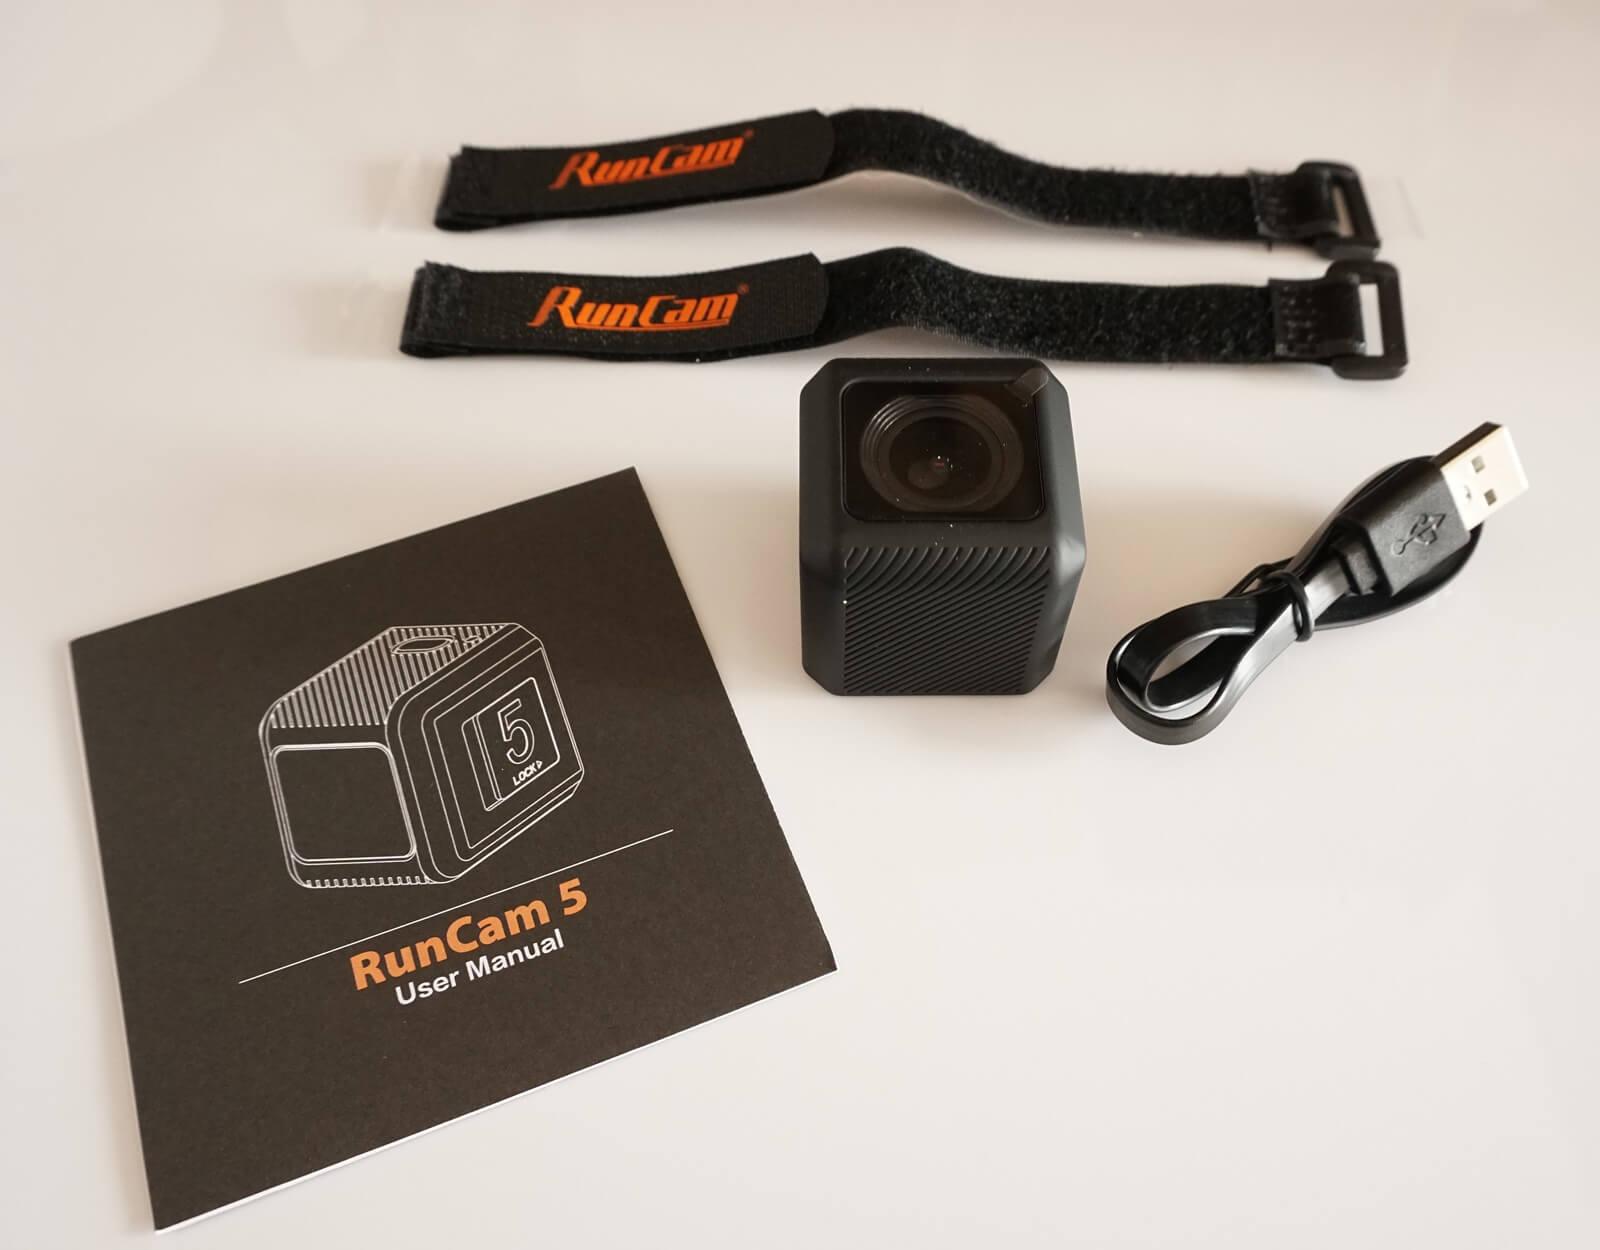 W zesawie z kamerą otrzymujemy 2 rzepy, instrukcję, i kabel micro usb